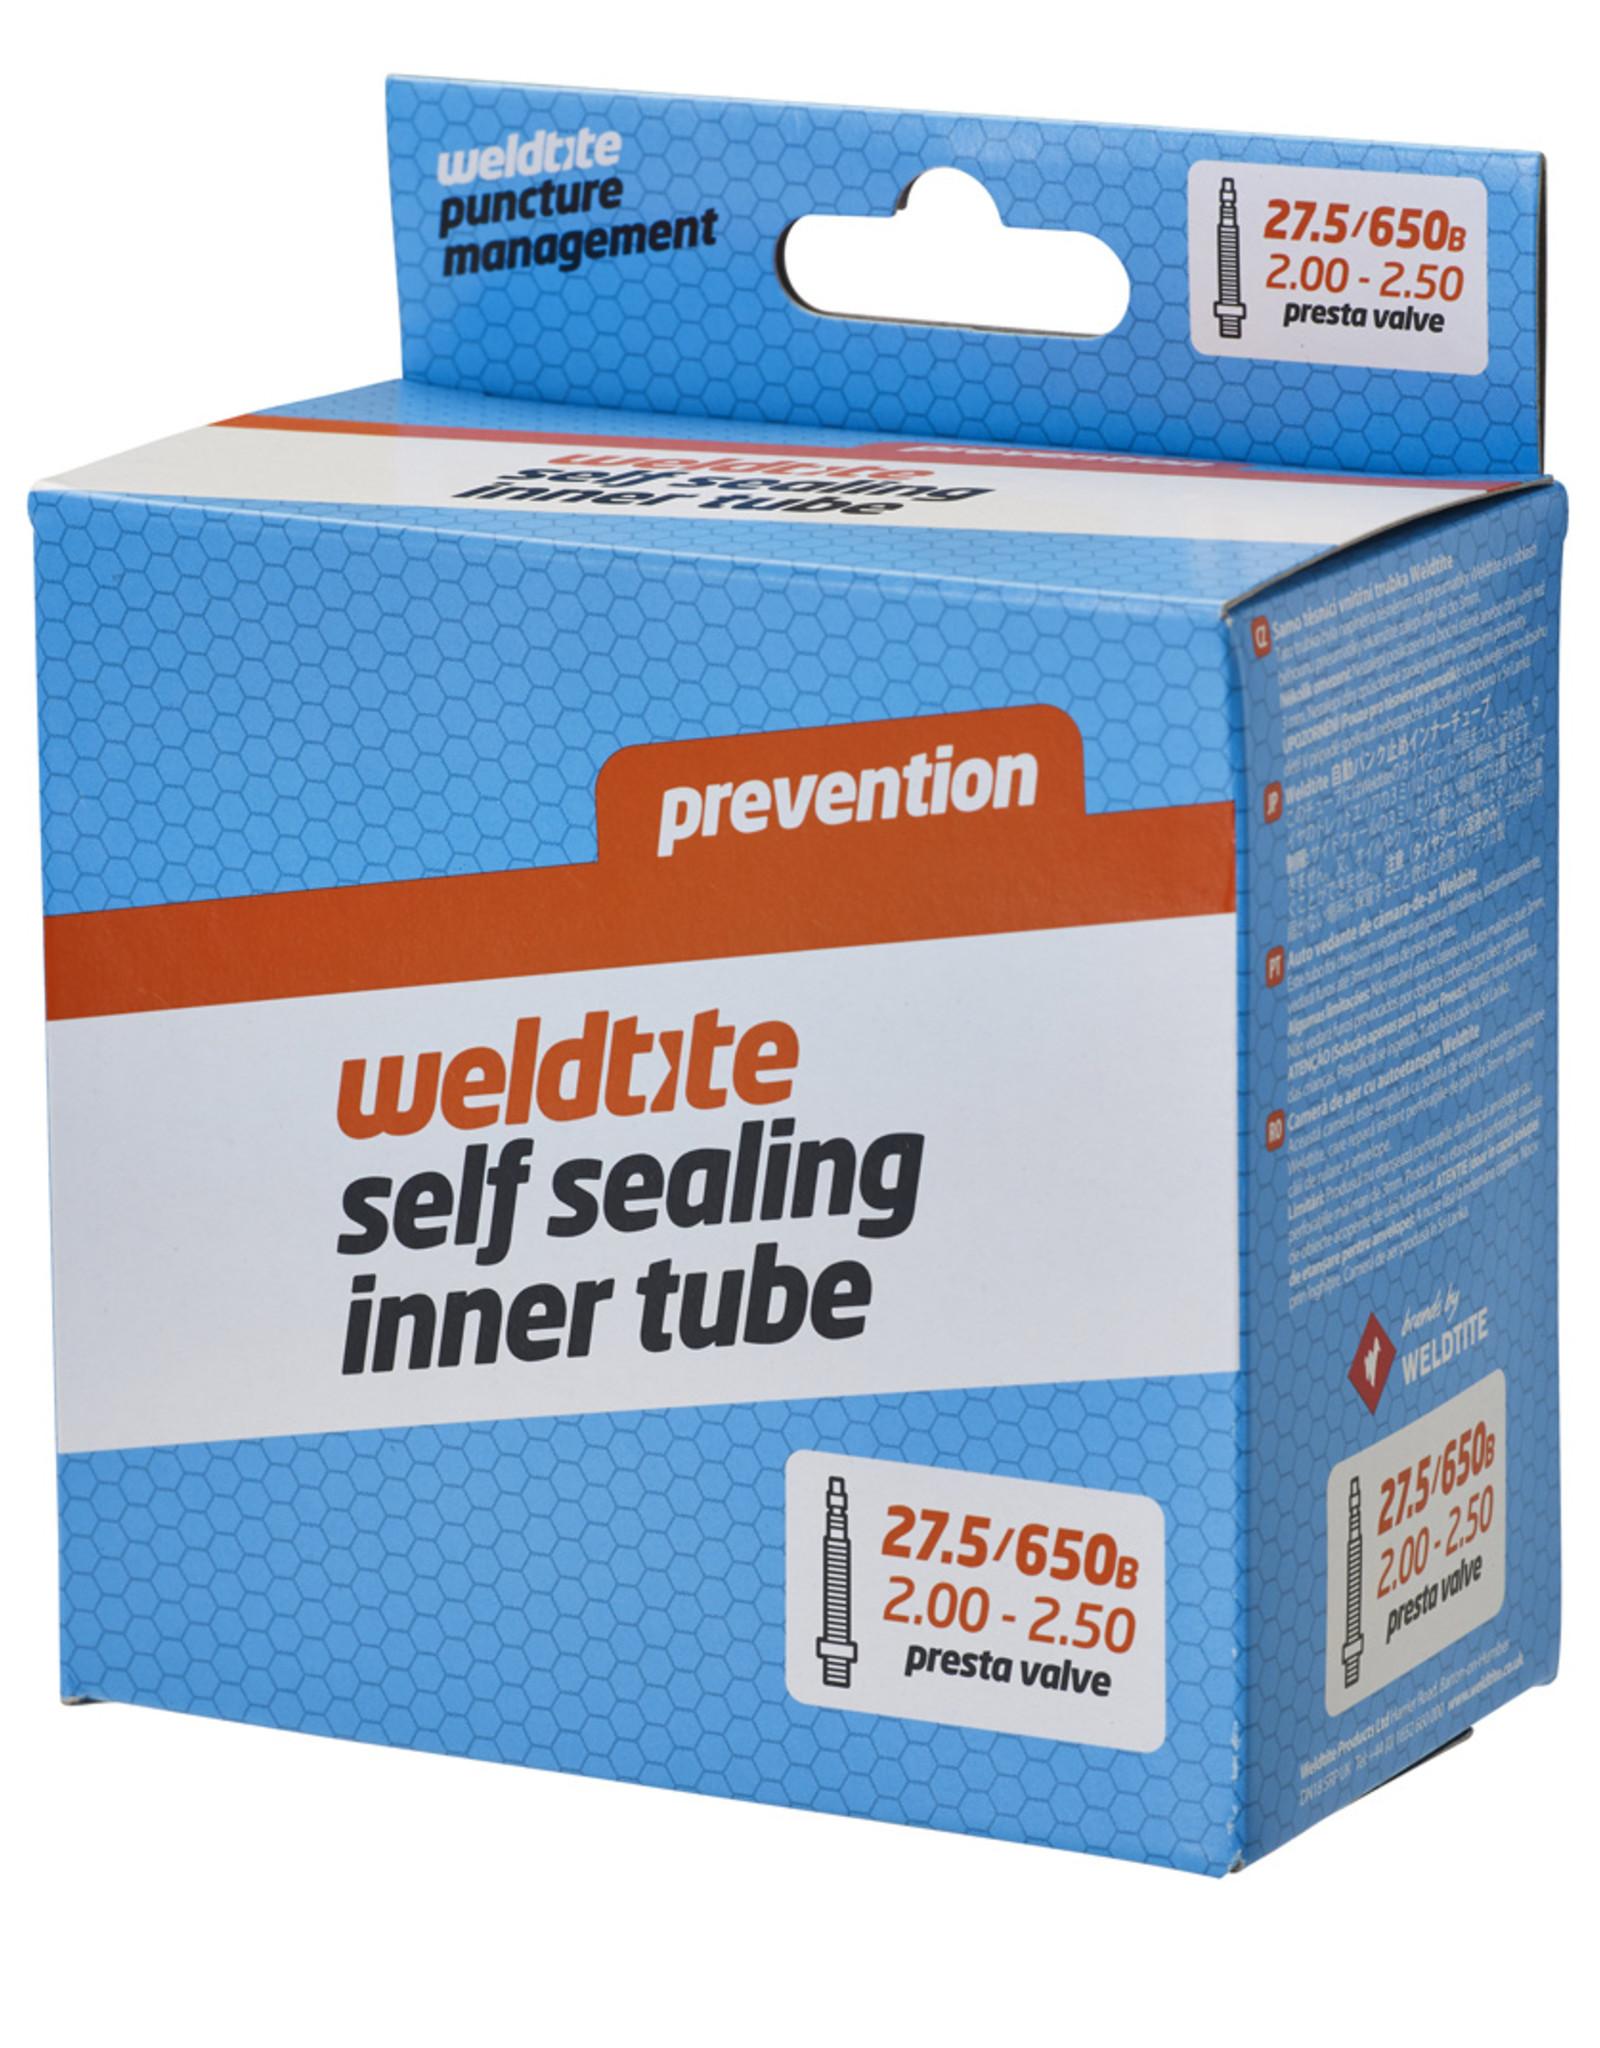 Weldtite Self Sealing Inner Tube - 27.5���/650B x 2.00 - 2.50��� - Presta